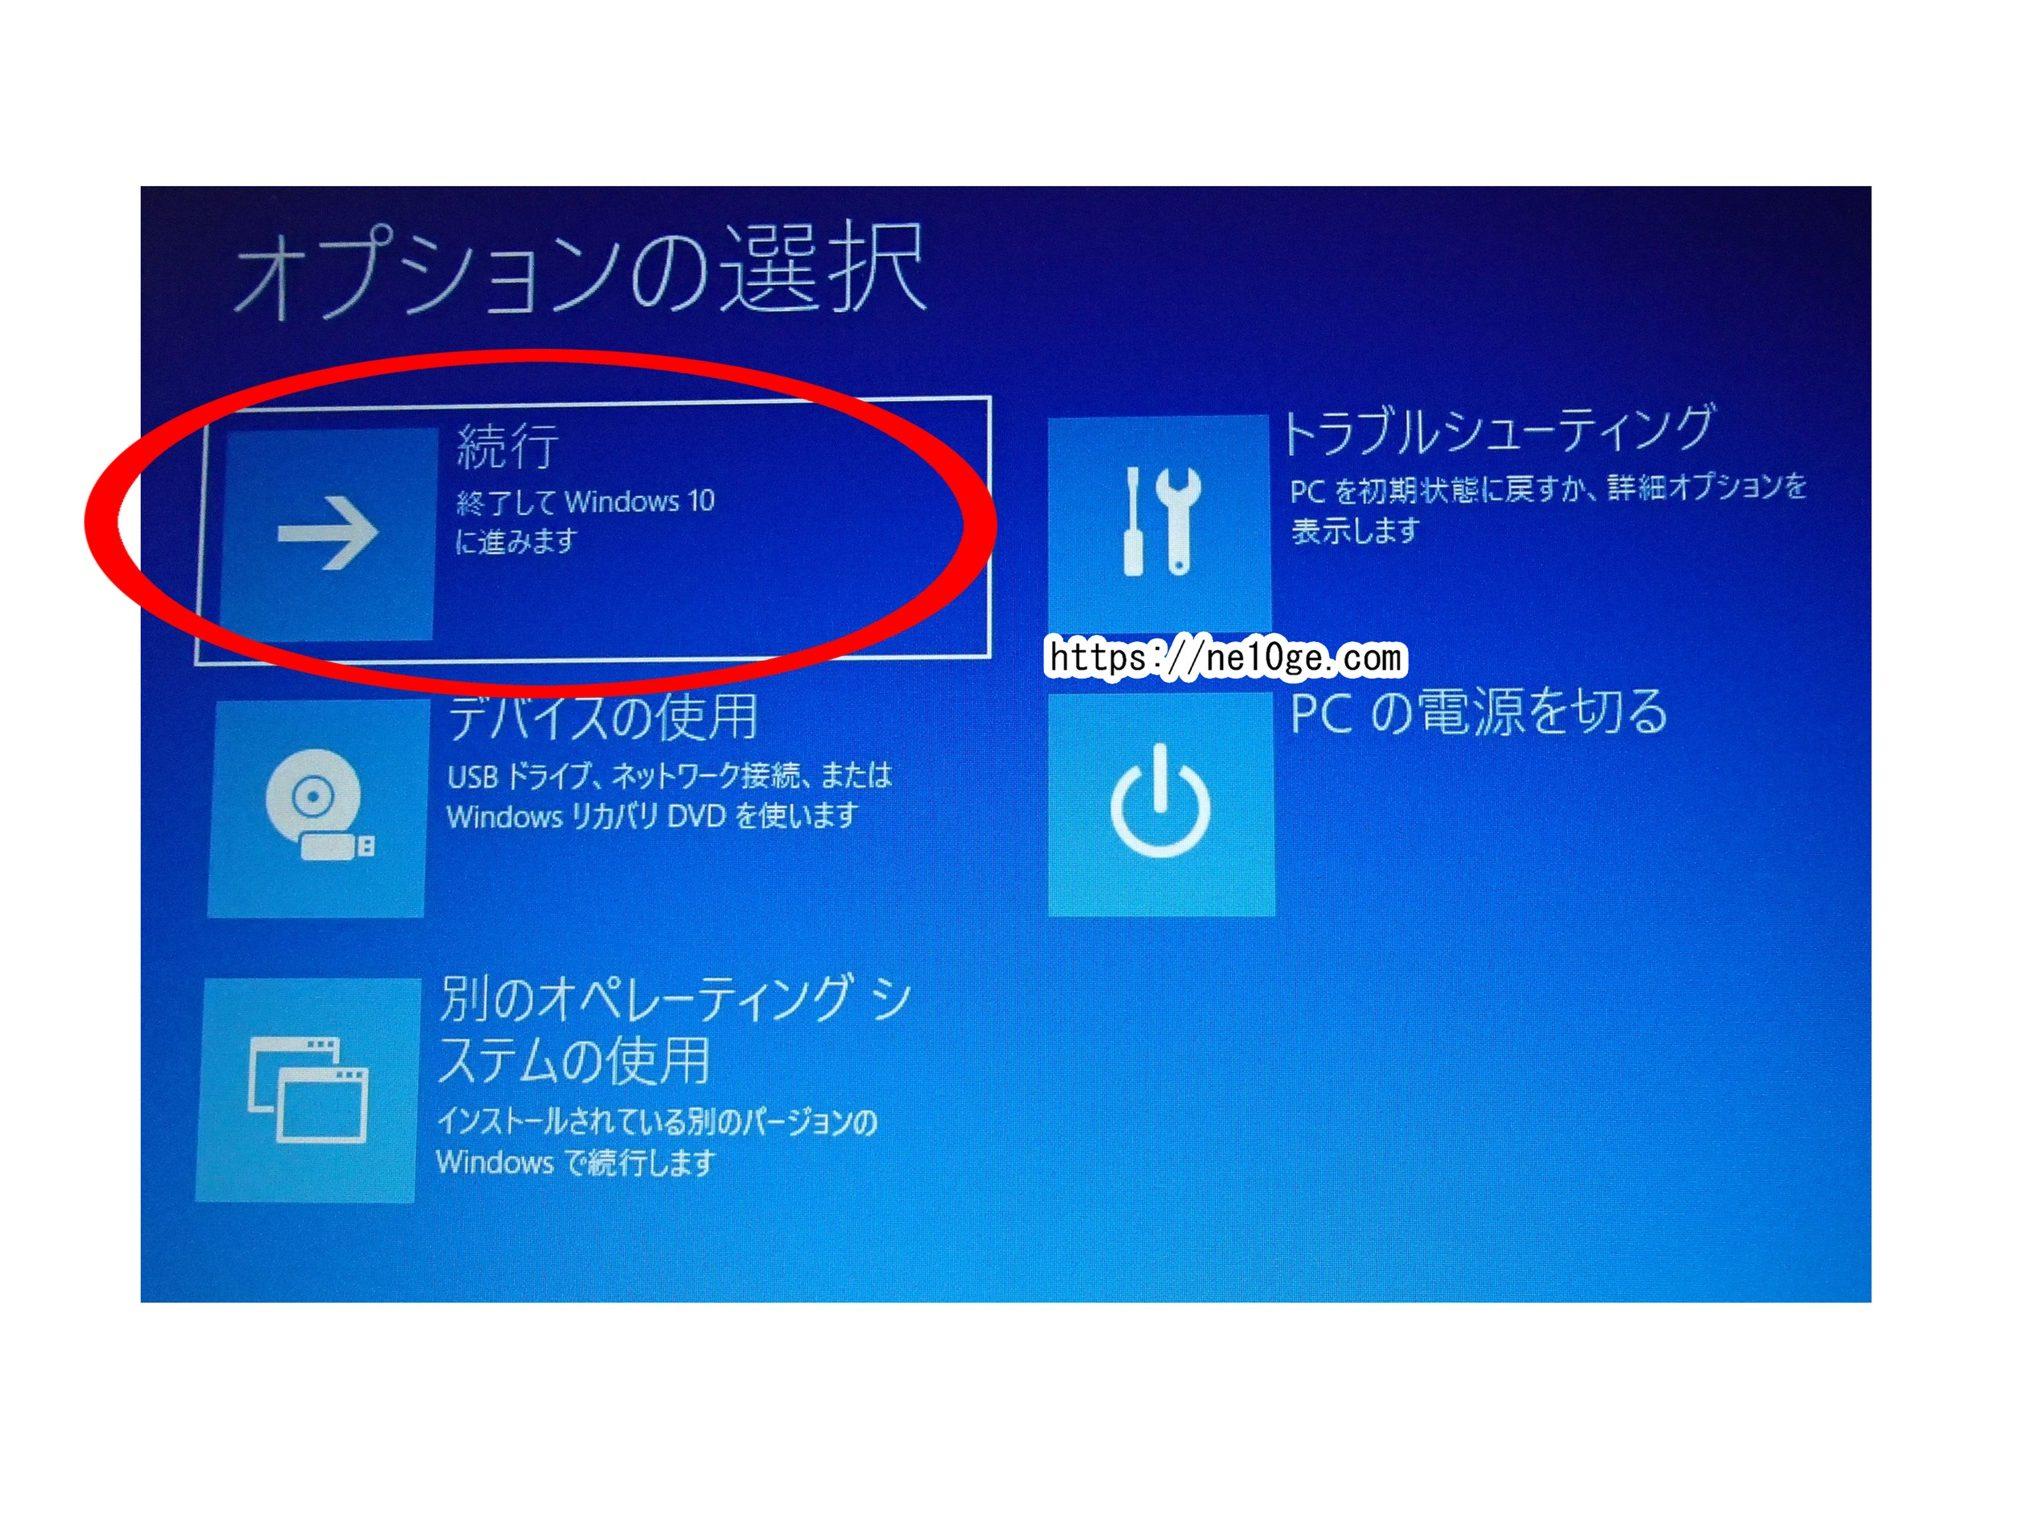 オペレーティングシステムを選択した後に、続行 Windows10に進みます と進む